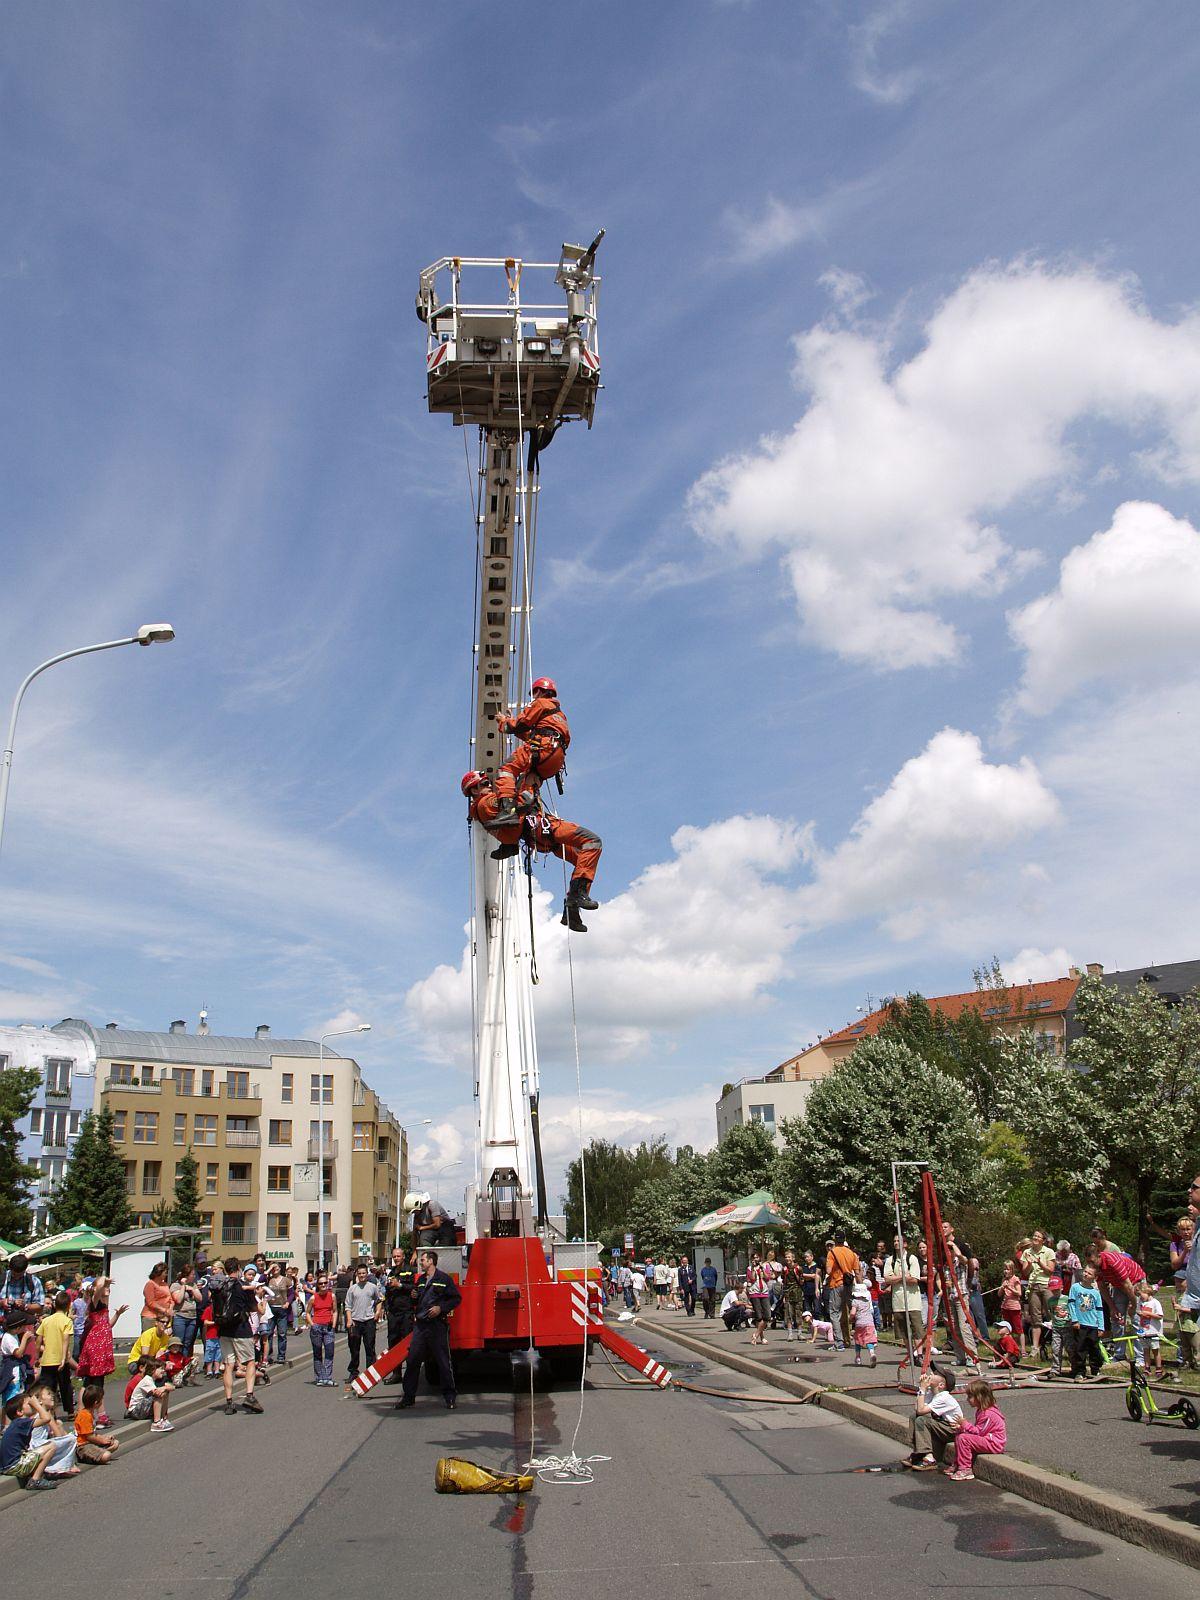 hasiči předvádí záchranu ve výškách